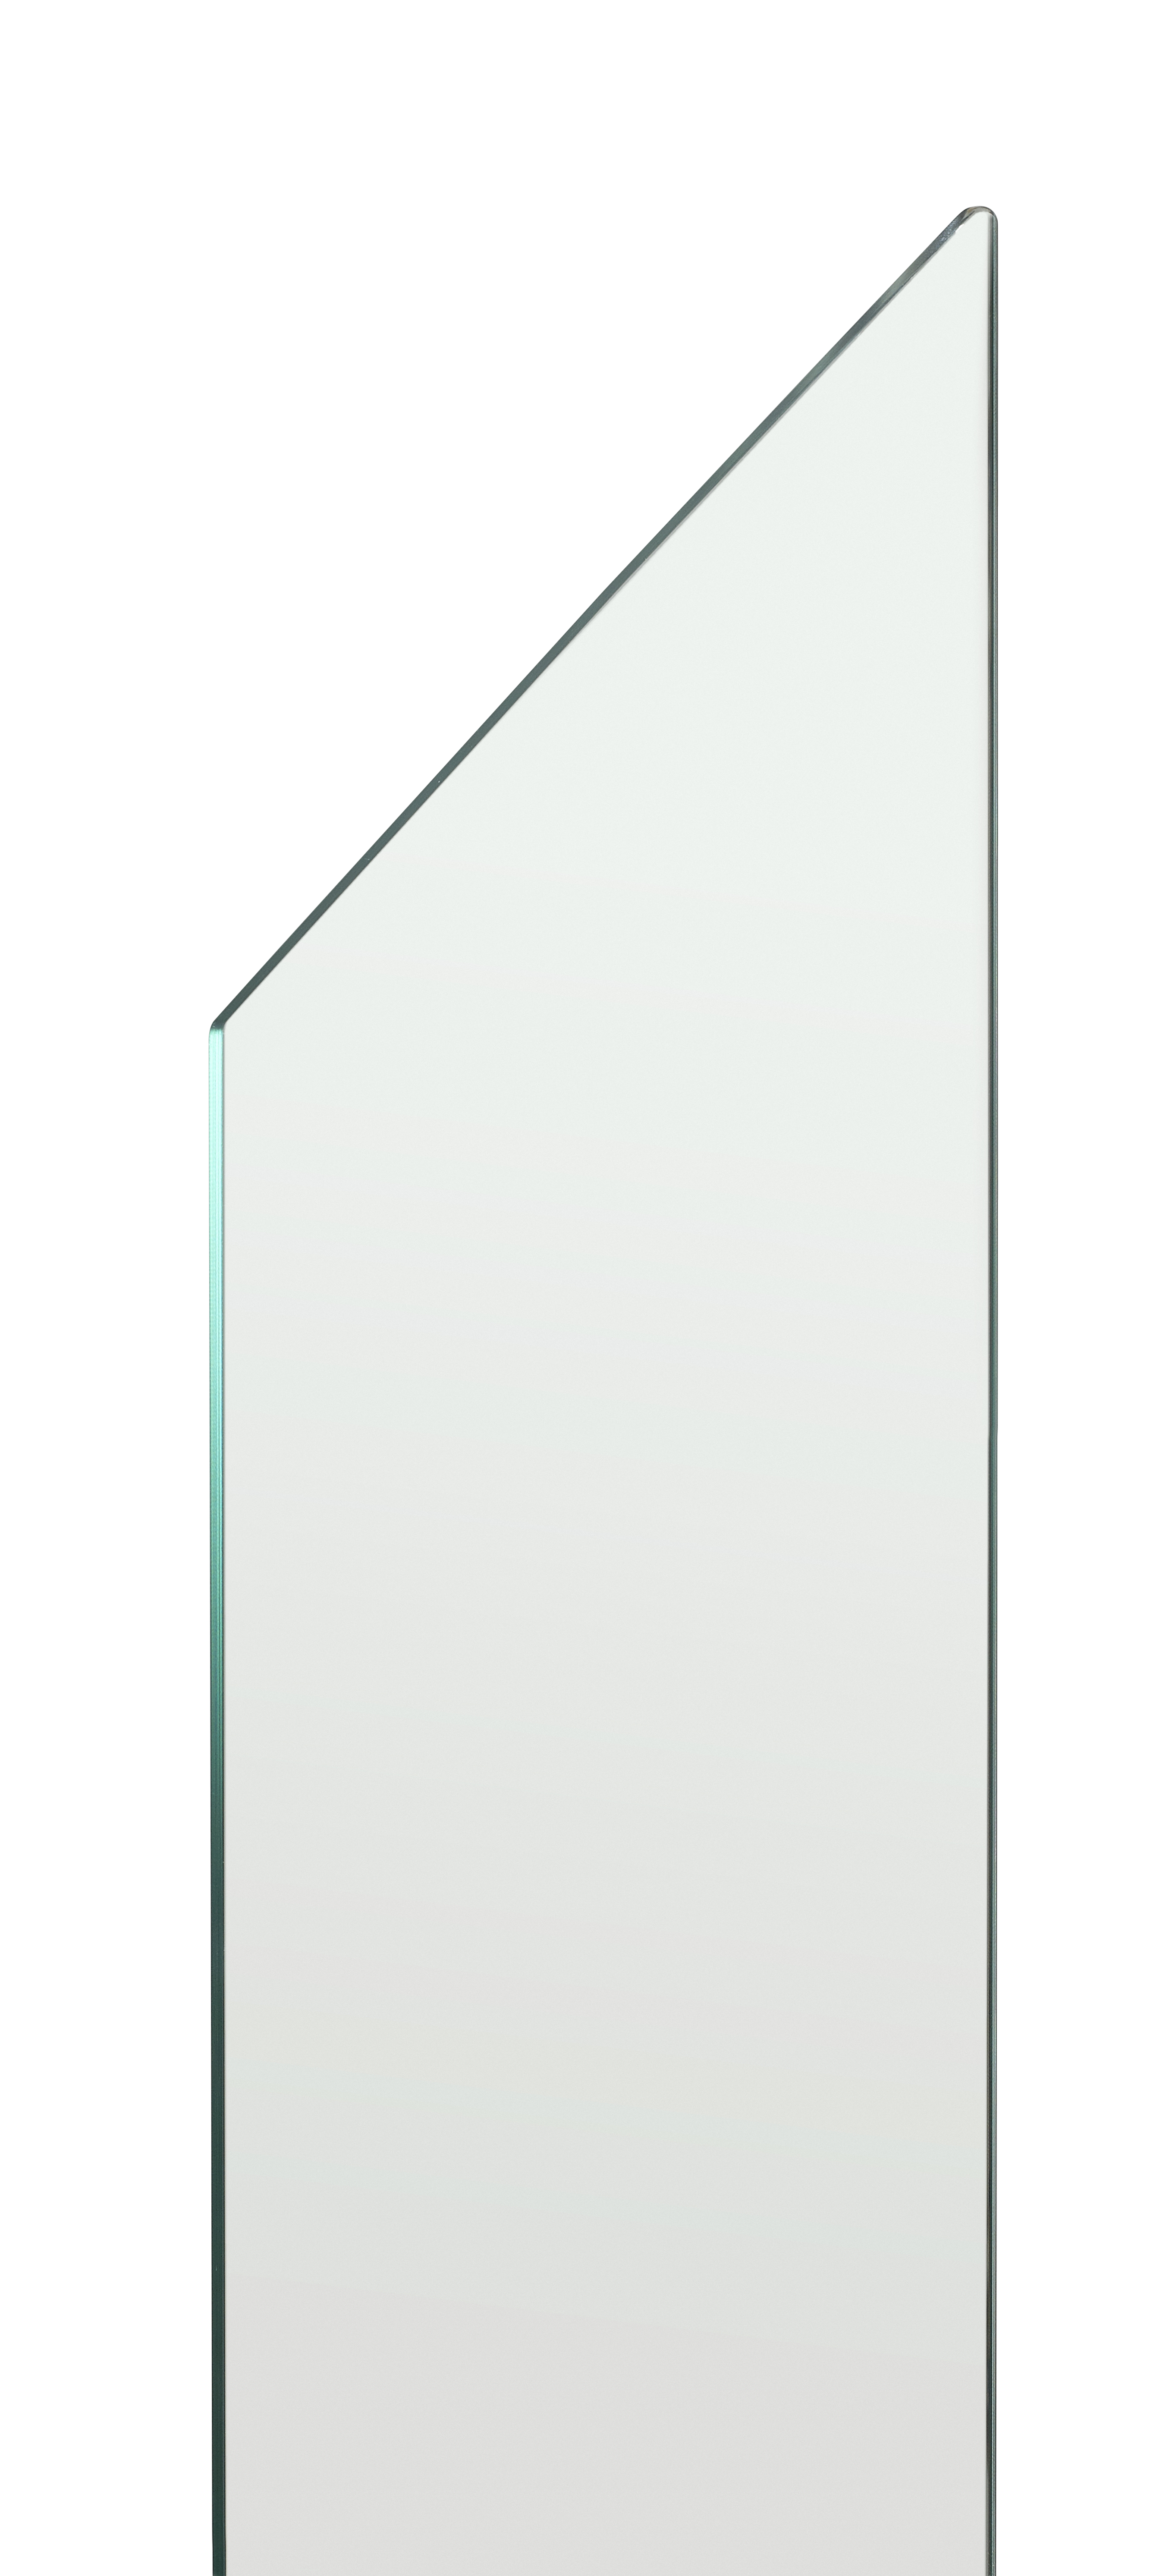 1 Immix Rake Glass Panel